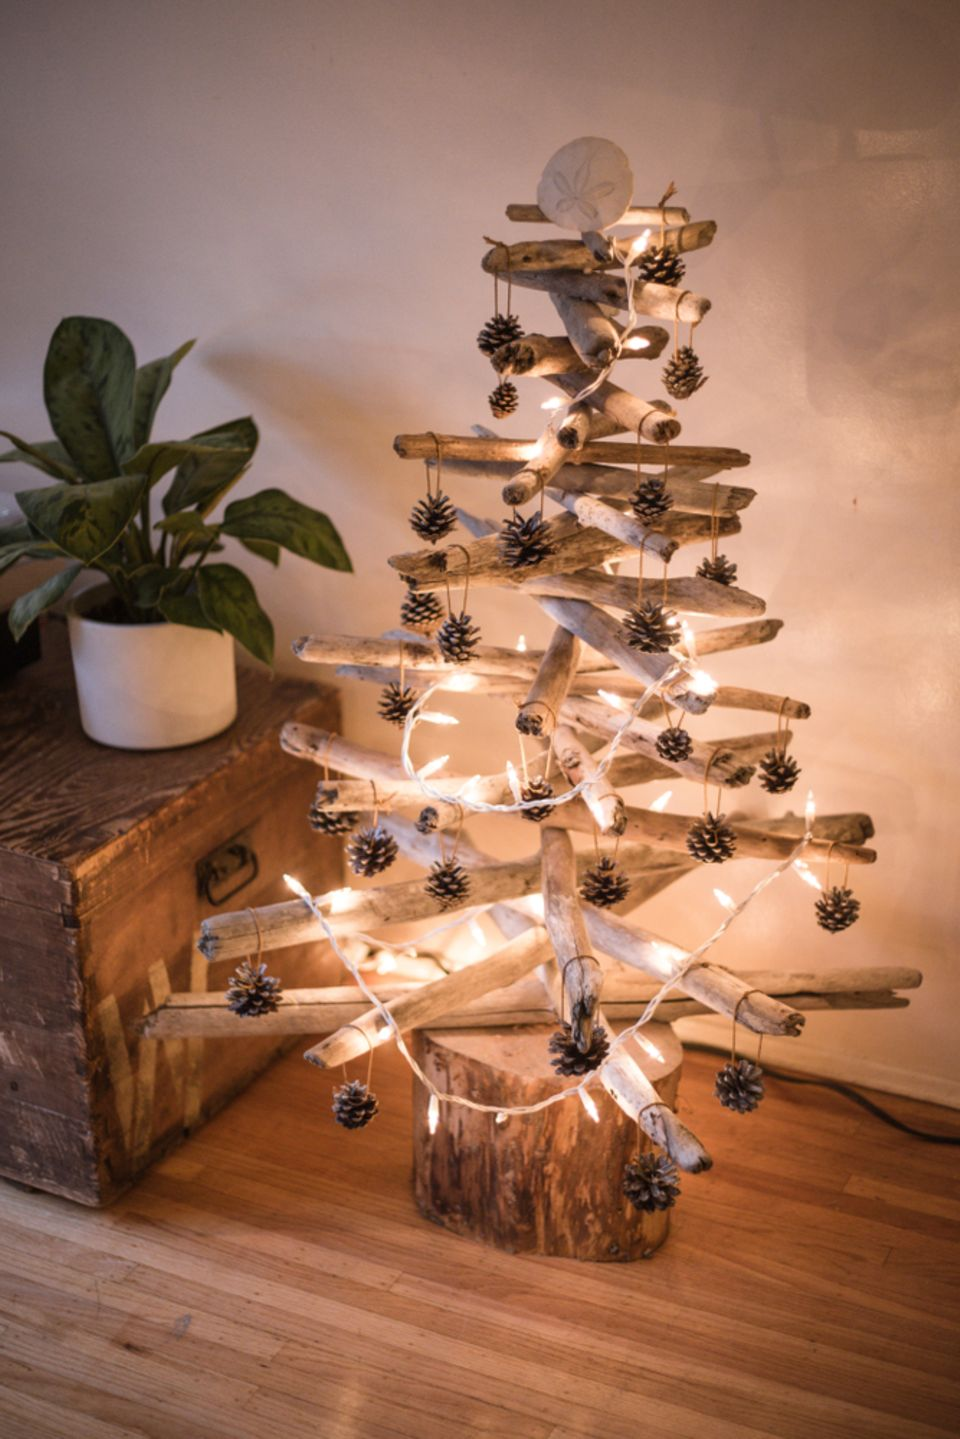 Basteln mit Naturmaterialien: Weihnachtsbaum aus Treibholz